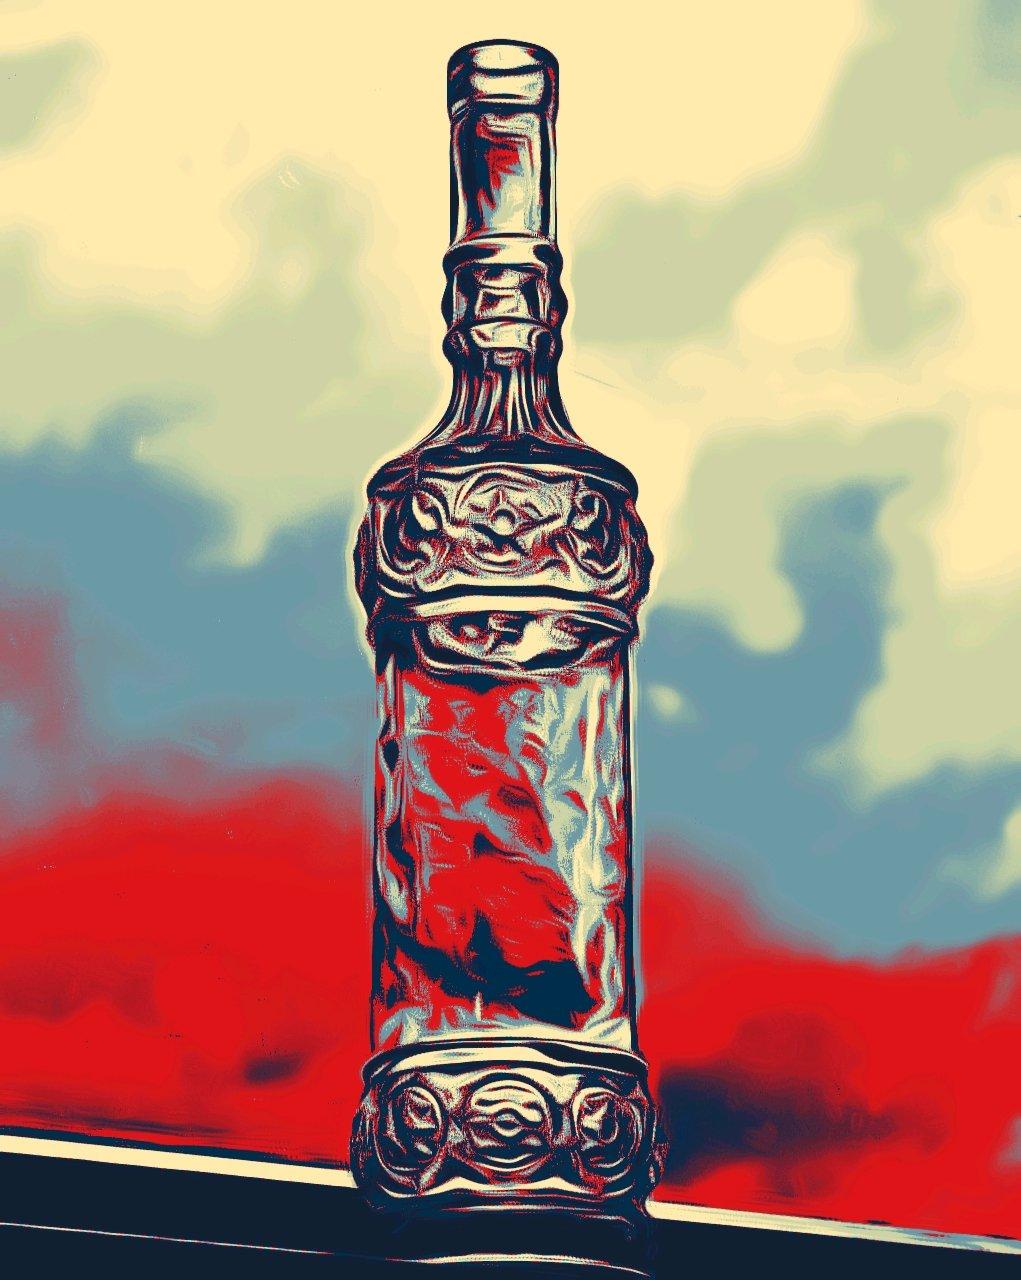 La botella de ron